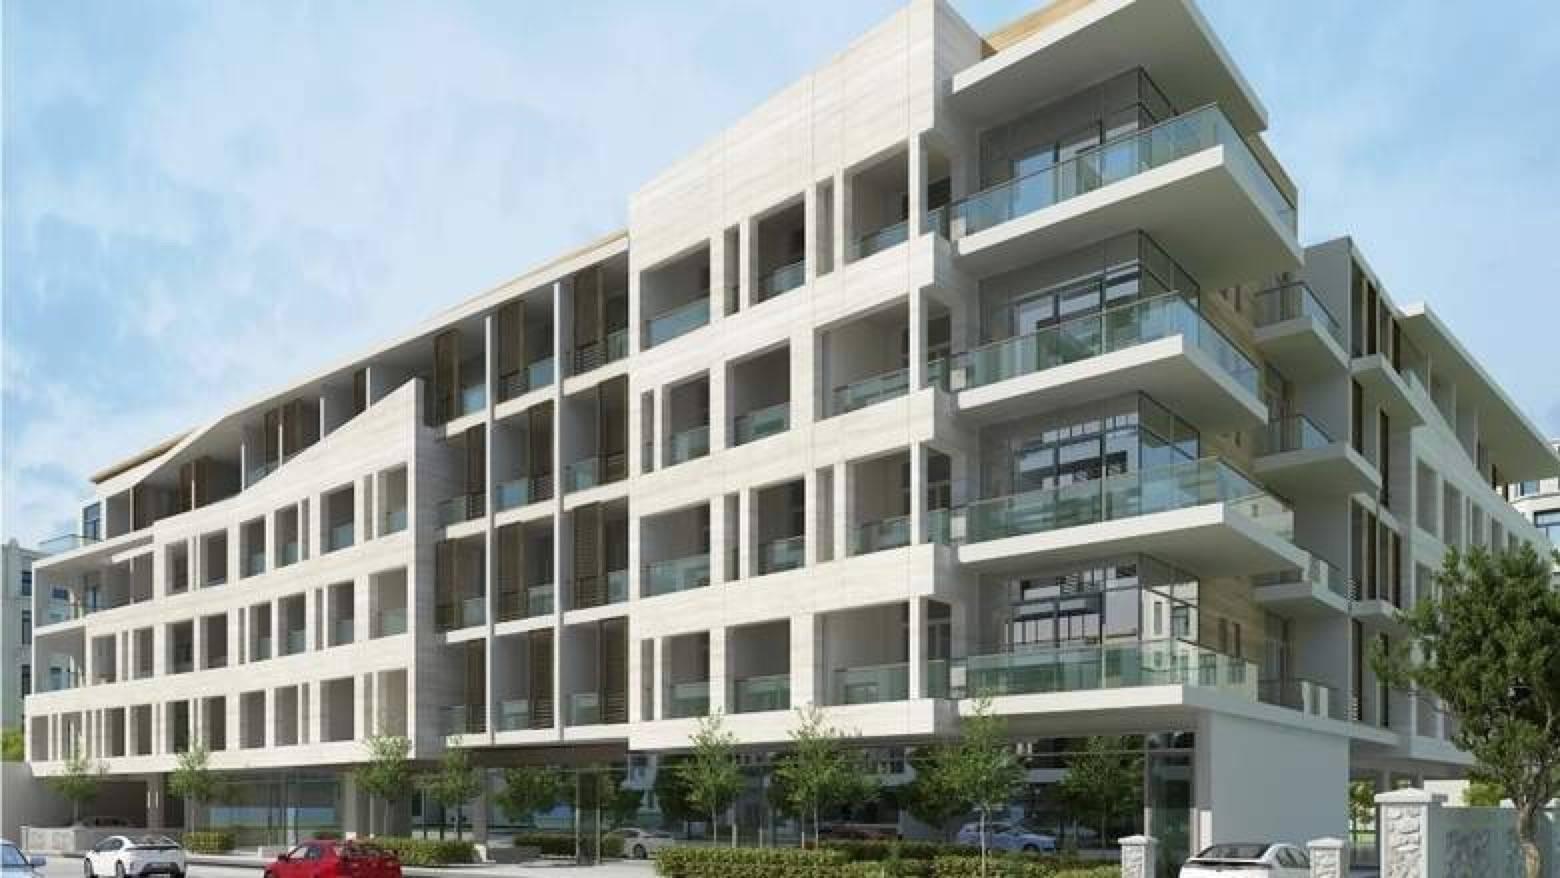 迪拜房产开发商以7%优惠鼓励数字货币支付